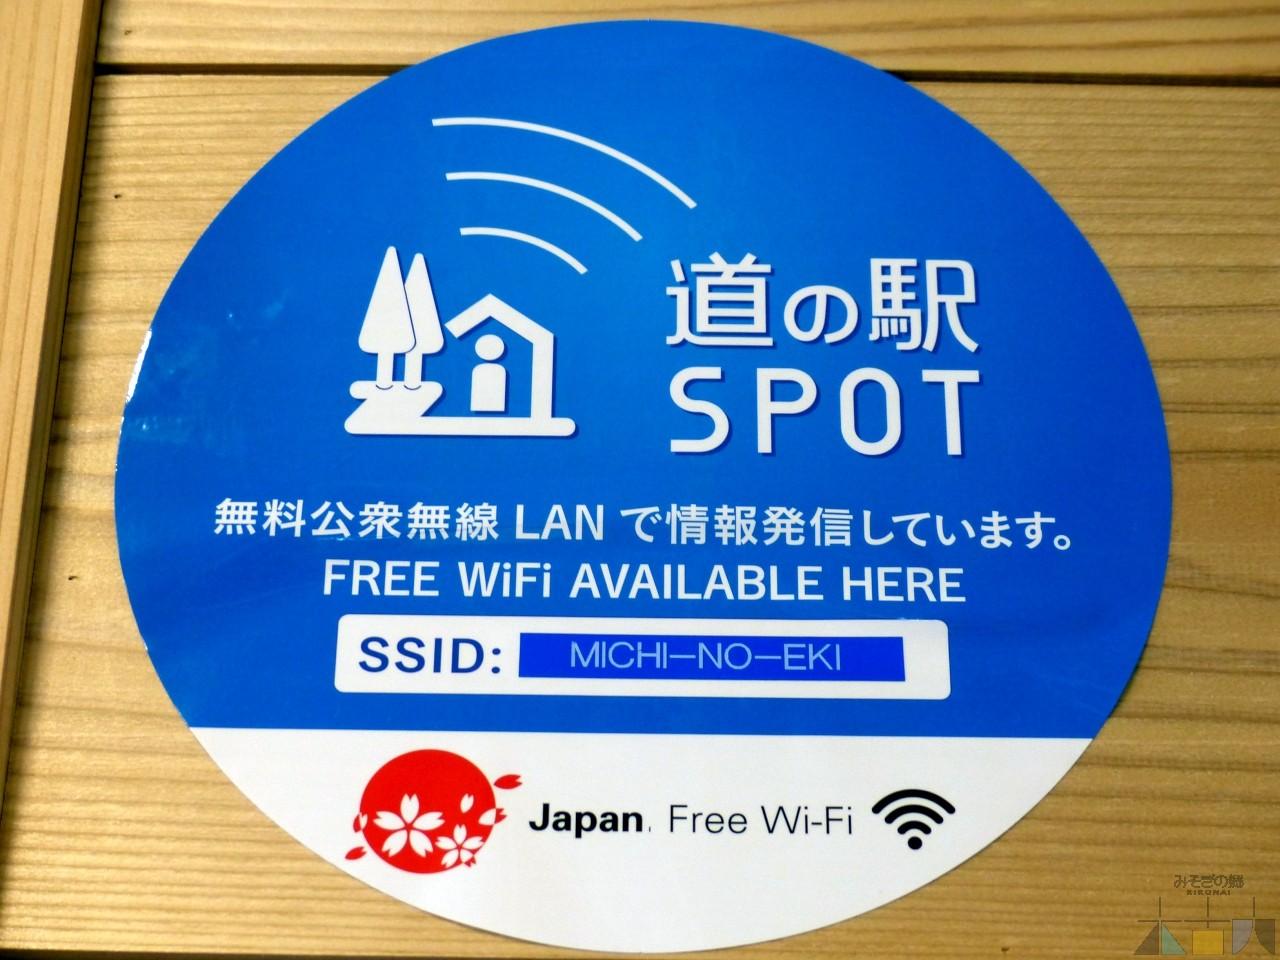 道の駅スポットWi-Fi (館内の公衆無線LAN)の接続方法